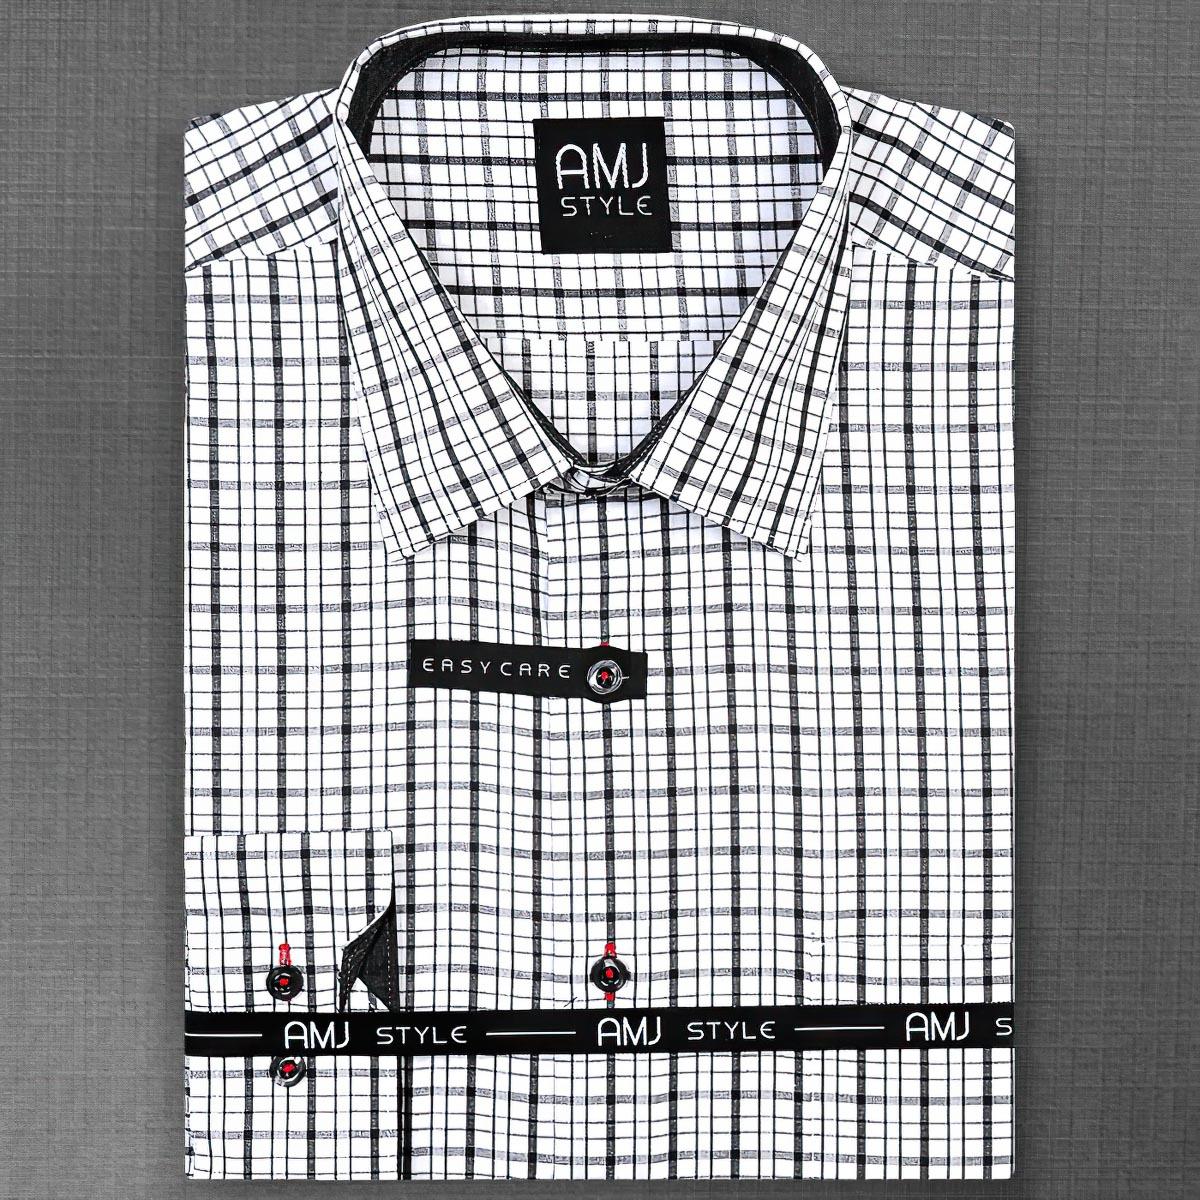 Pánská košile AMJ vzorovaná VDR679, dlouhý rukáv